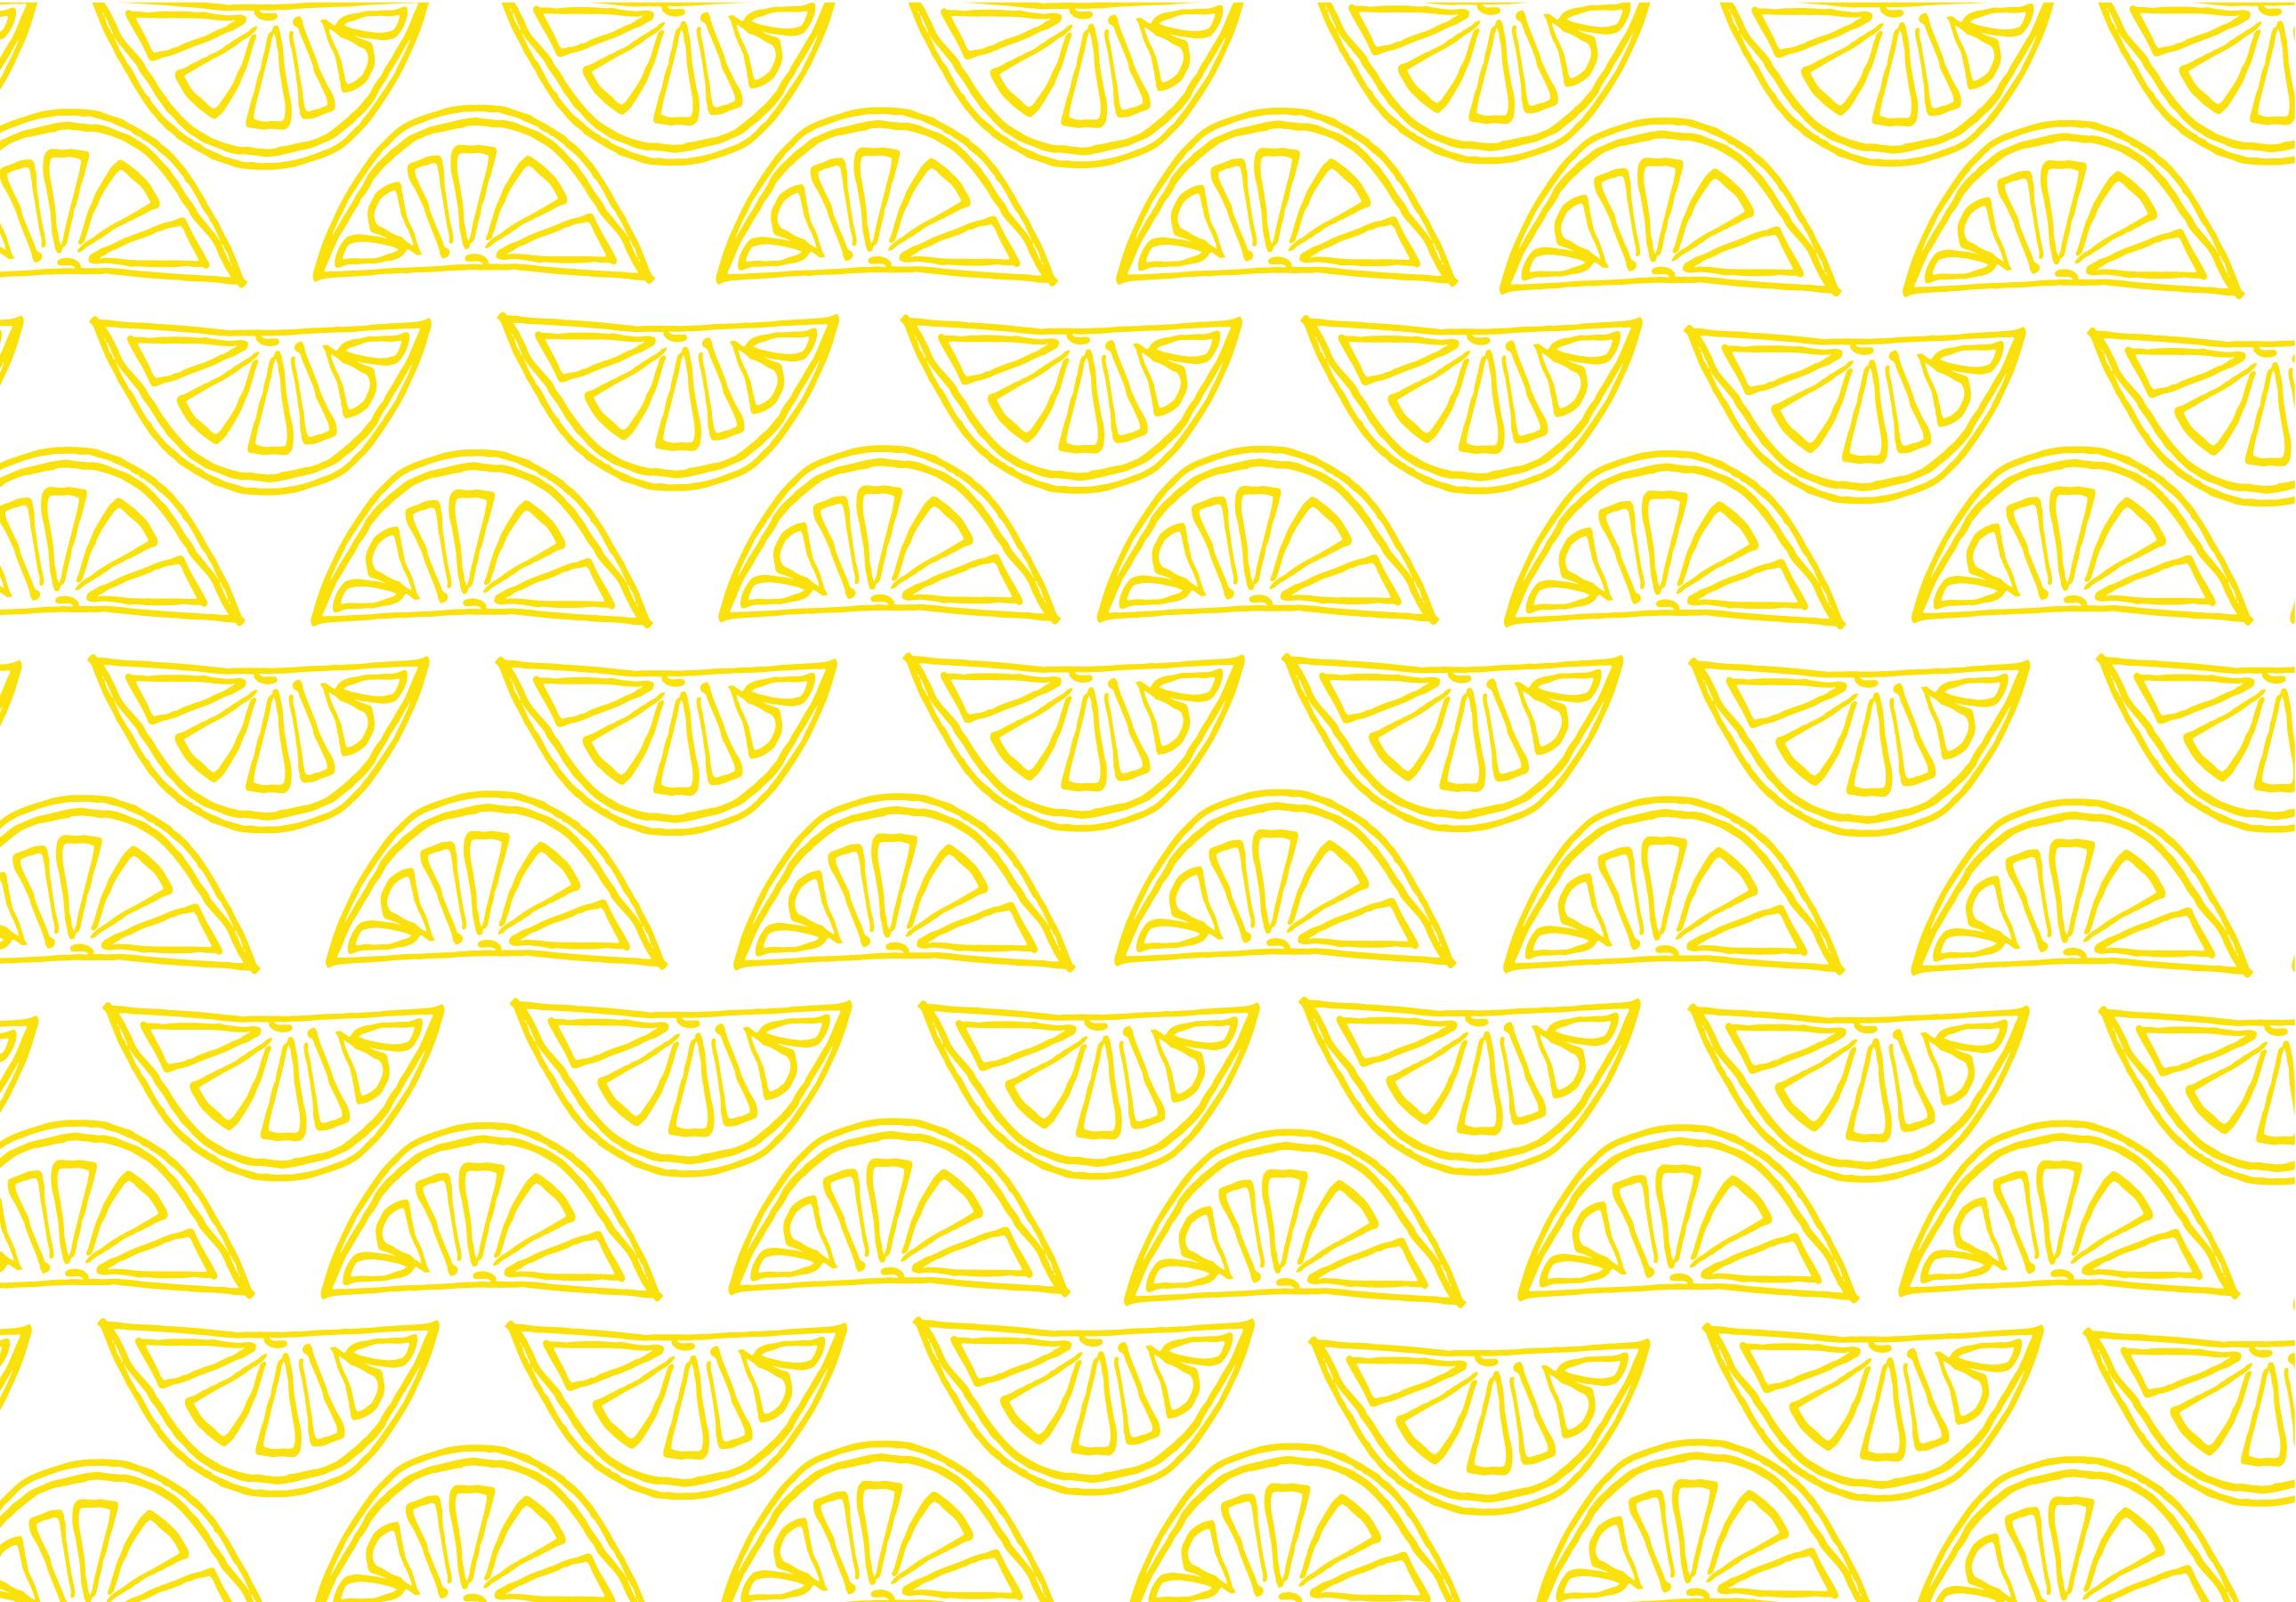 45 Lemony Wallpaper On Wallpapersafari